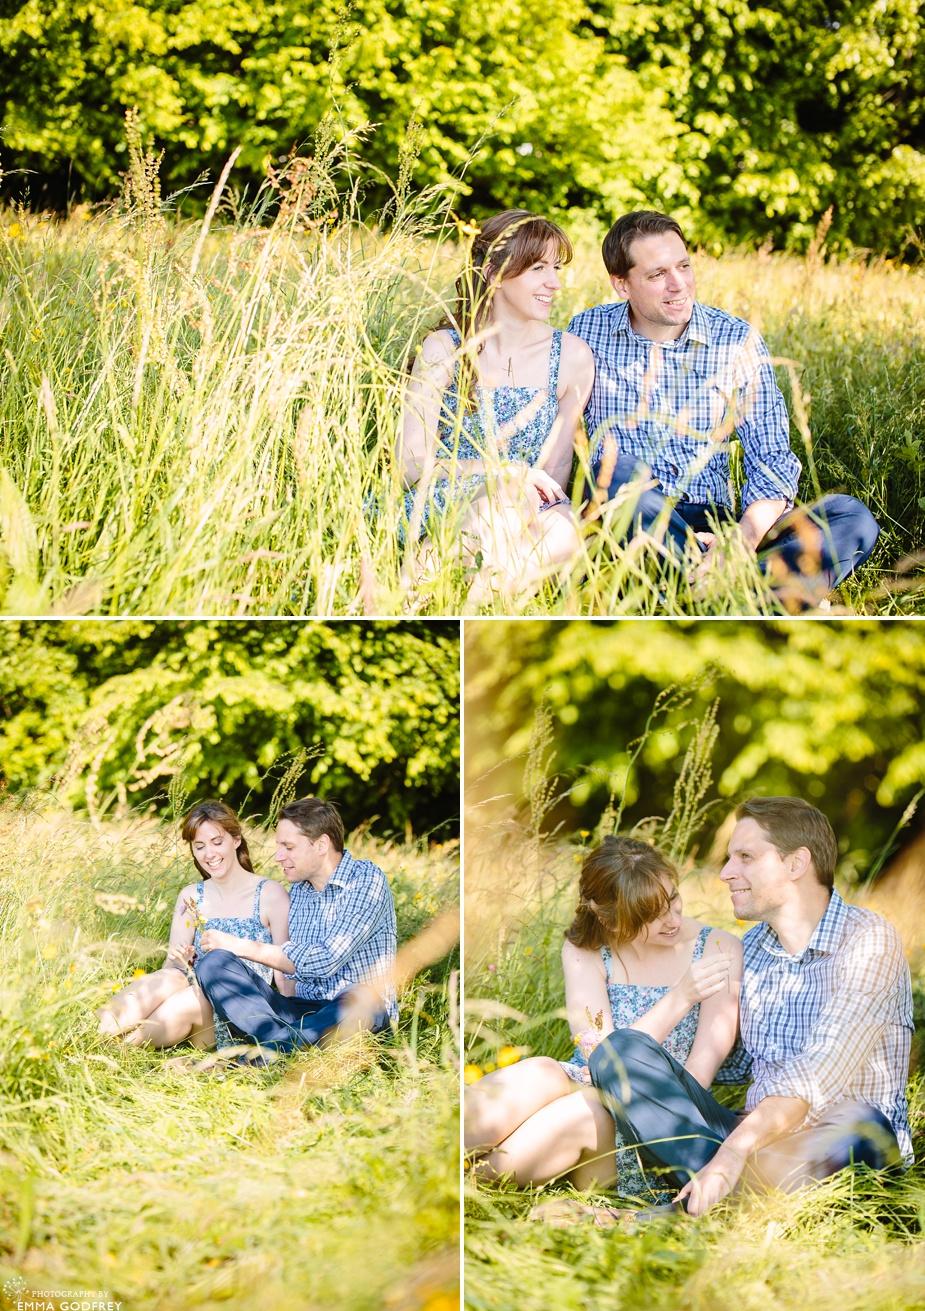 04-11-Gemma-Ben-Pre-wedding-0768-col.jpg